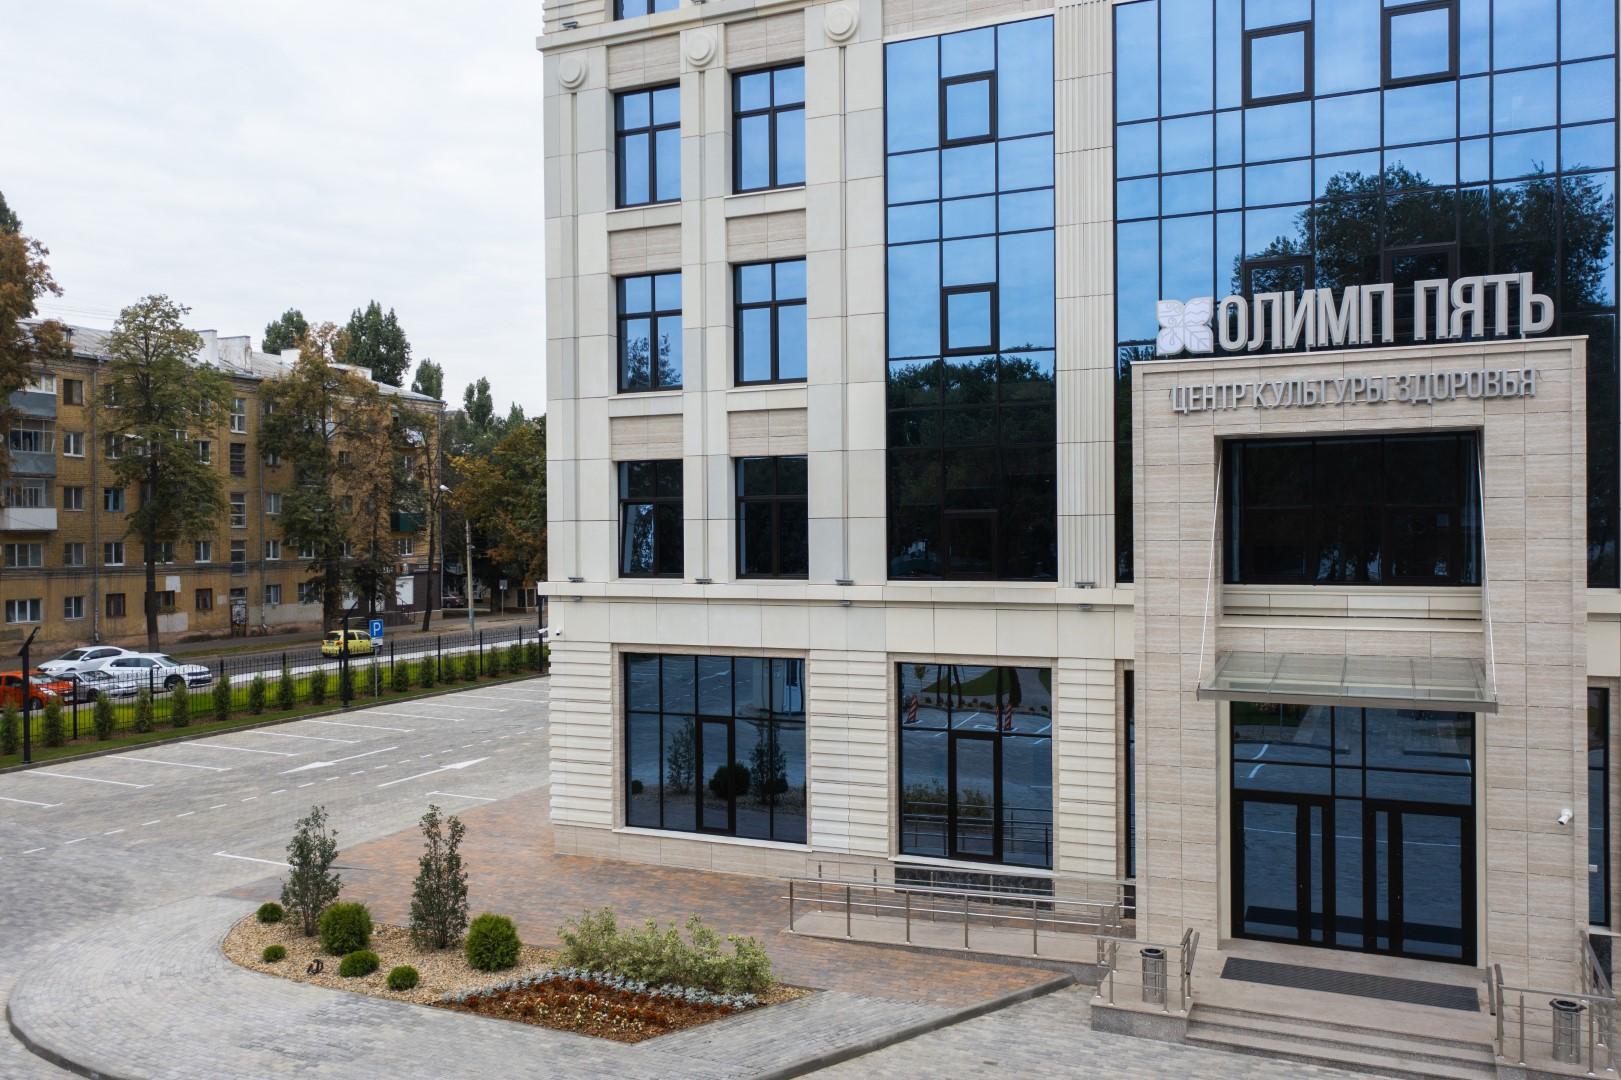 Группа компаний «Олимп Здоровья» проводит день открытых дверей в новом центре восстановительной медицины «Олимп Пять»